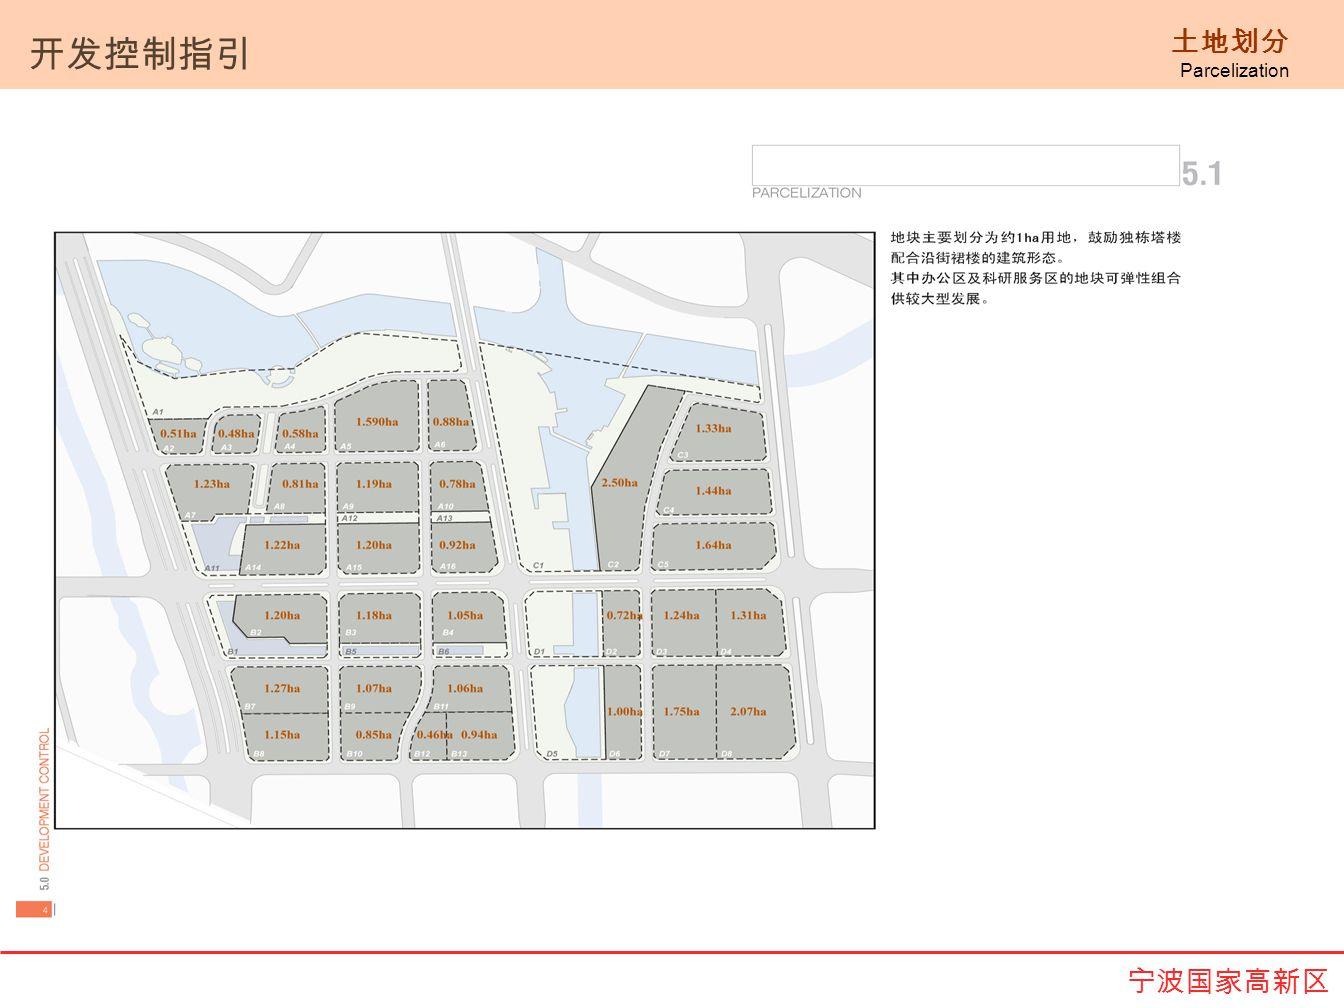 土地划分 Parcelization 开发控制指引 宁波国家高新区